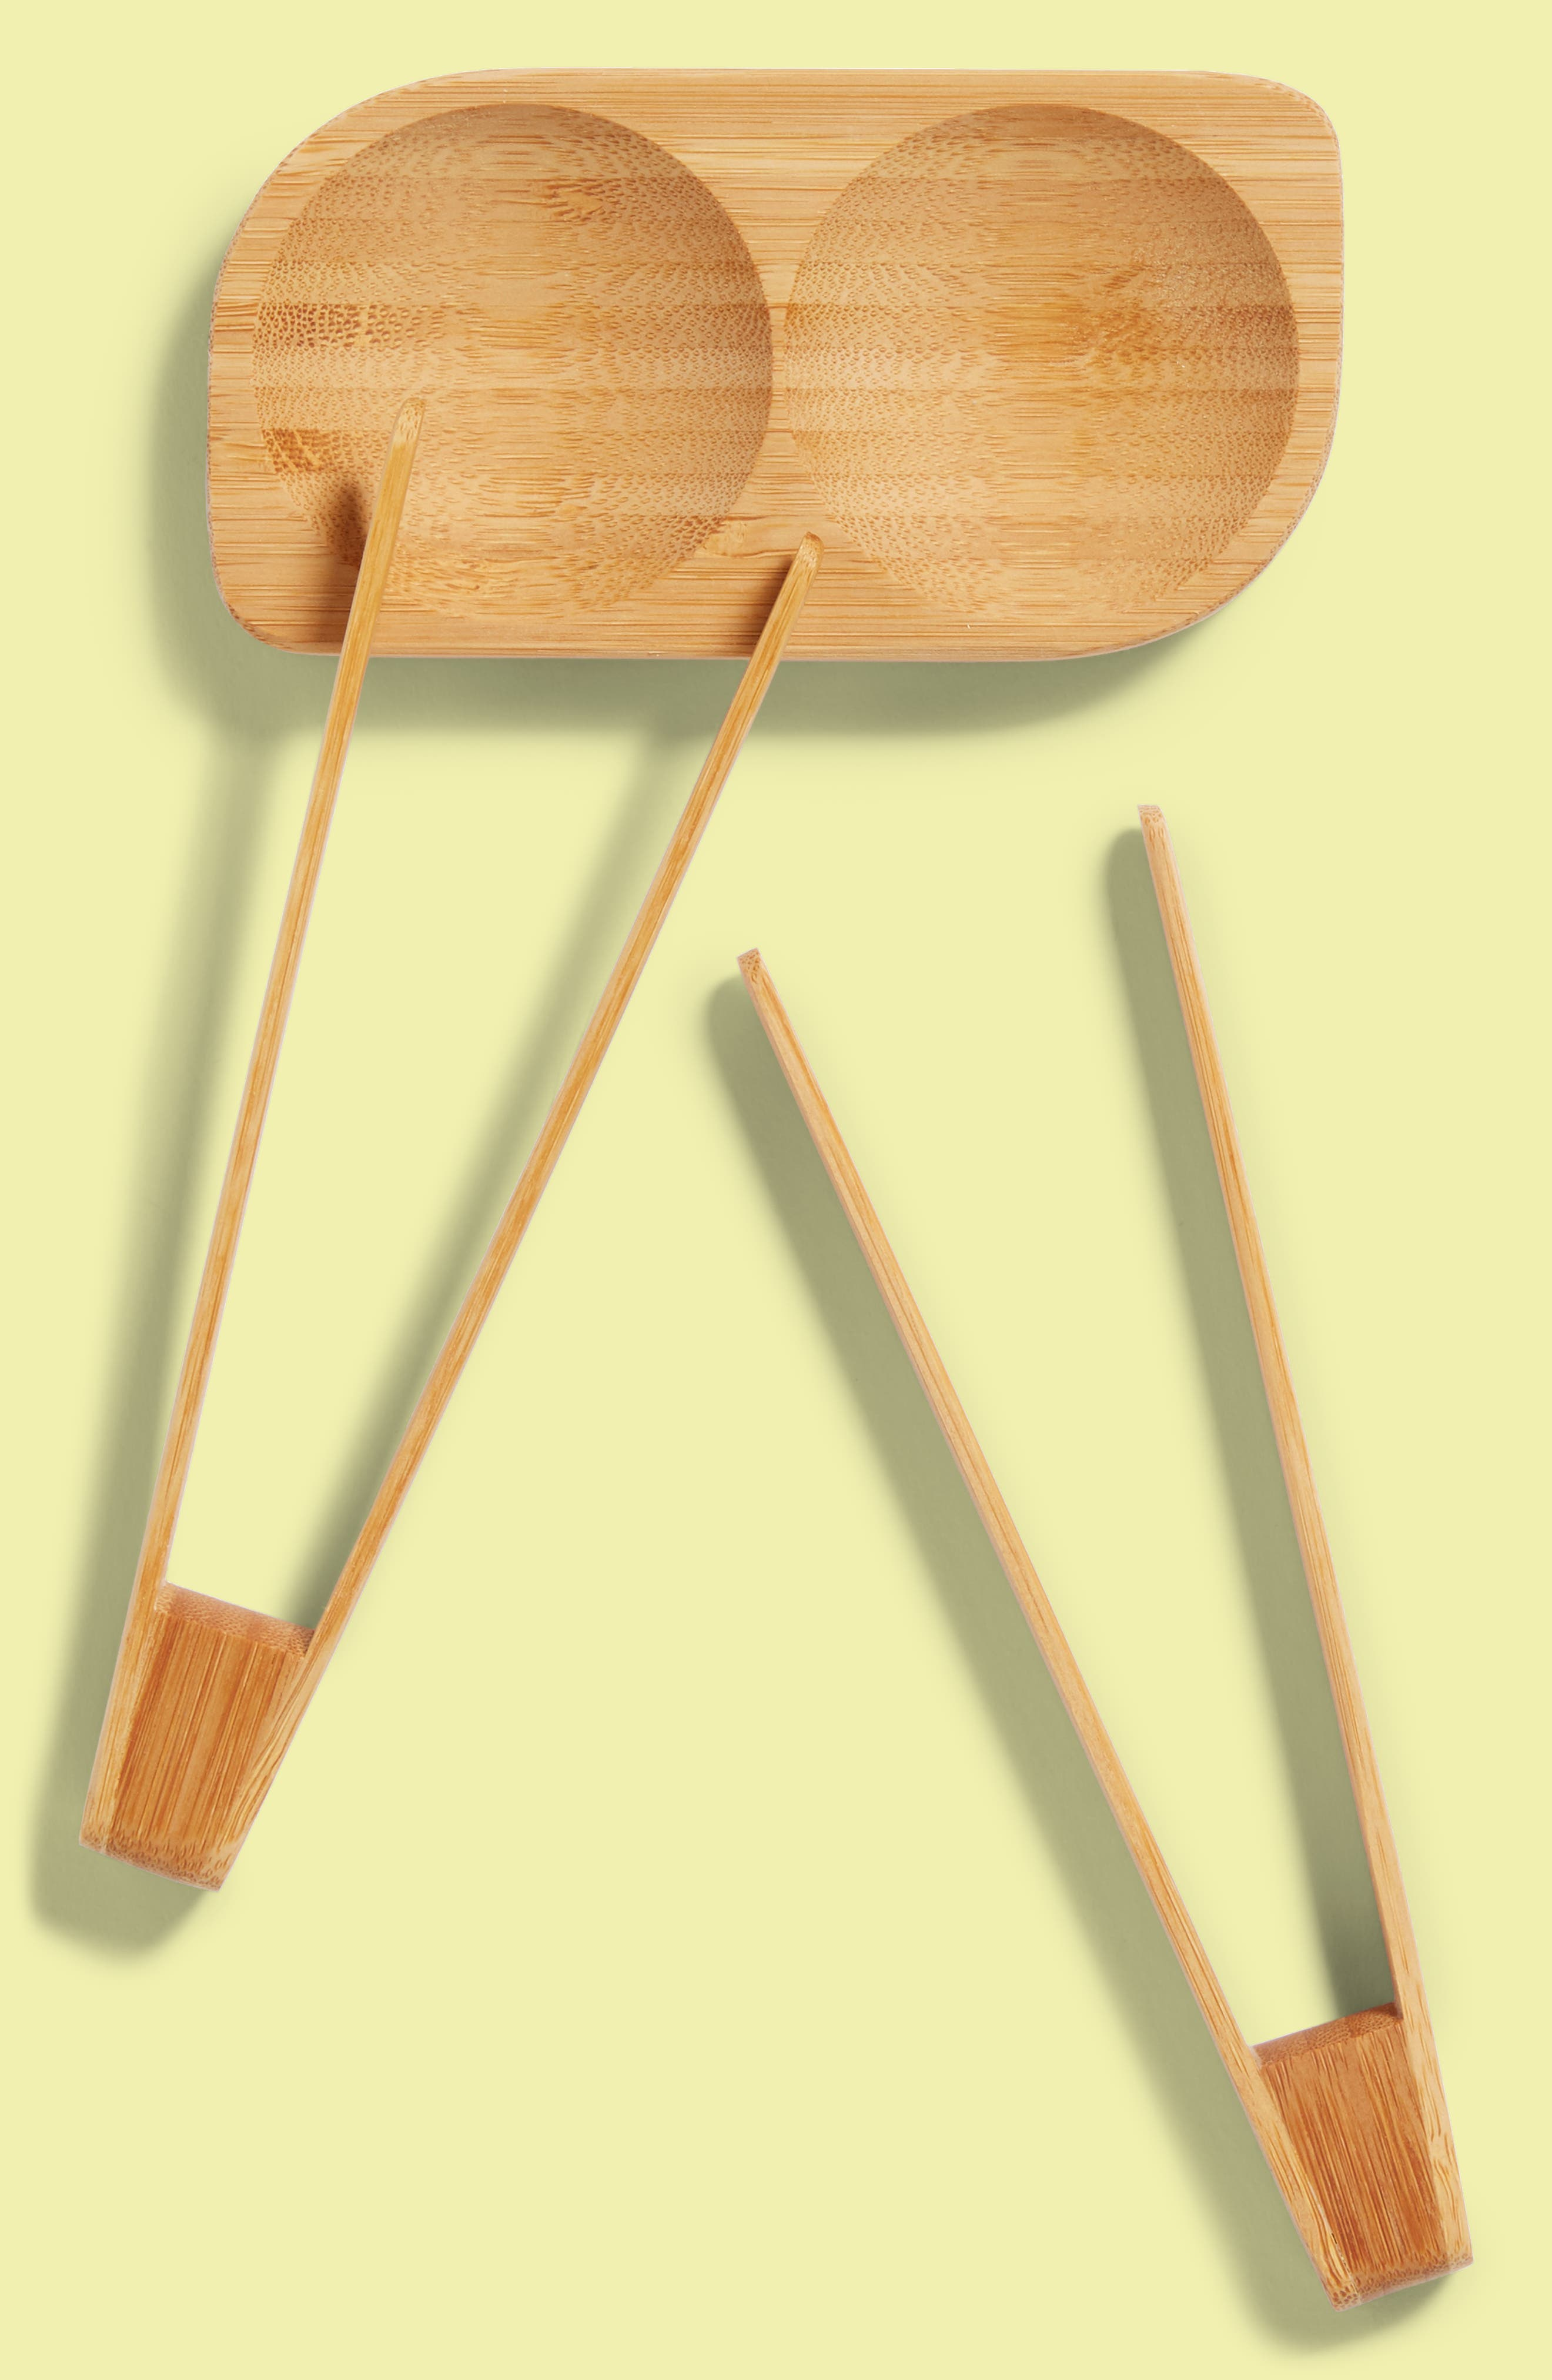 3-Piece Bamboo Sushi Tray & Songs Set,                         Main,                         color, Natural